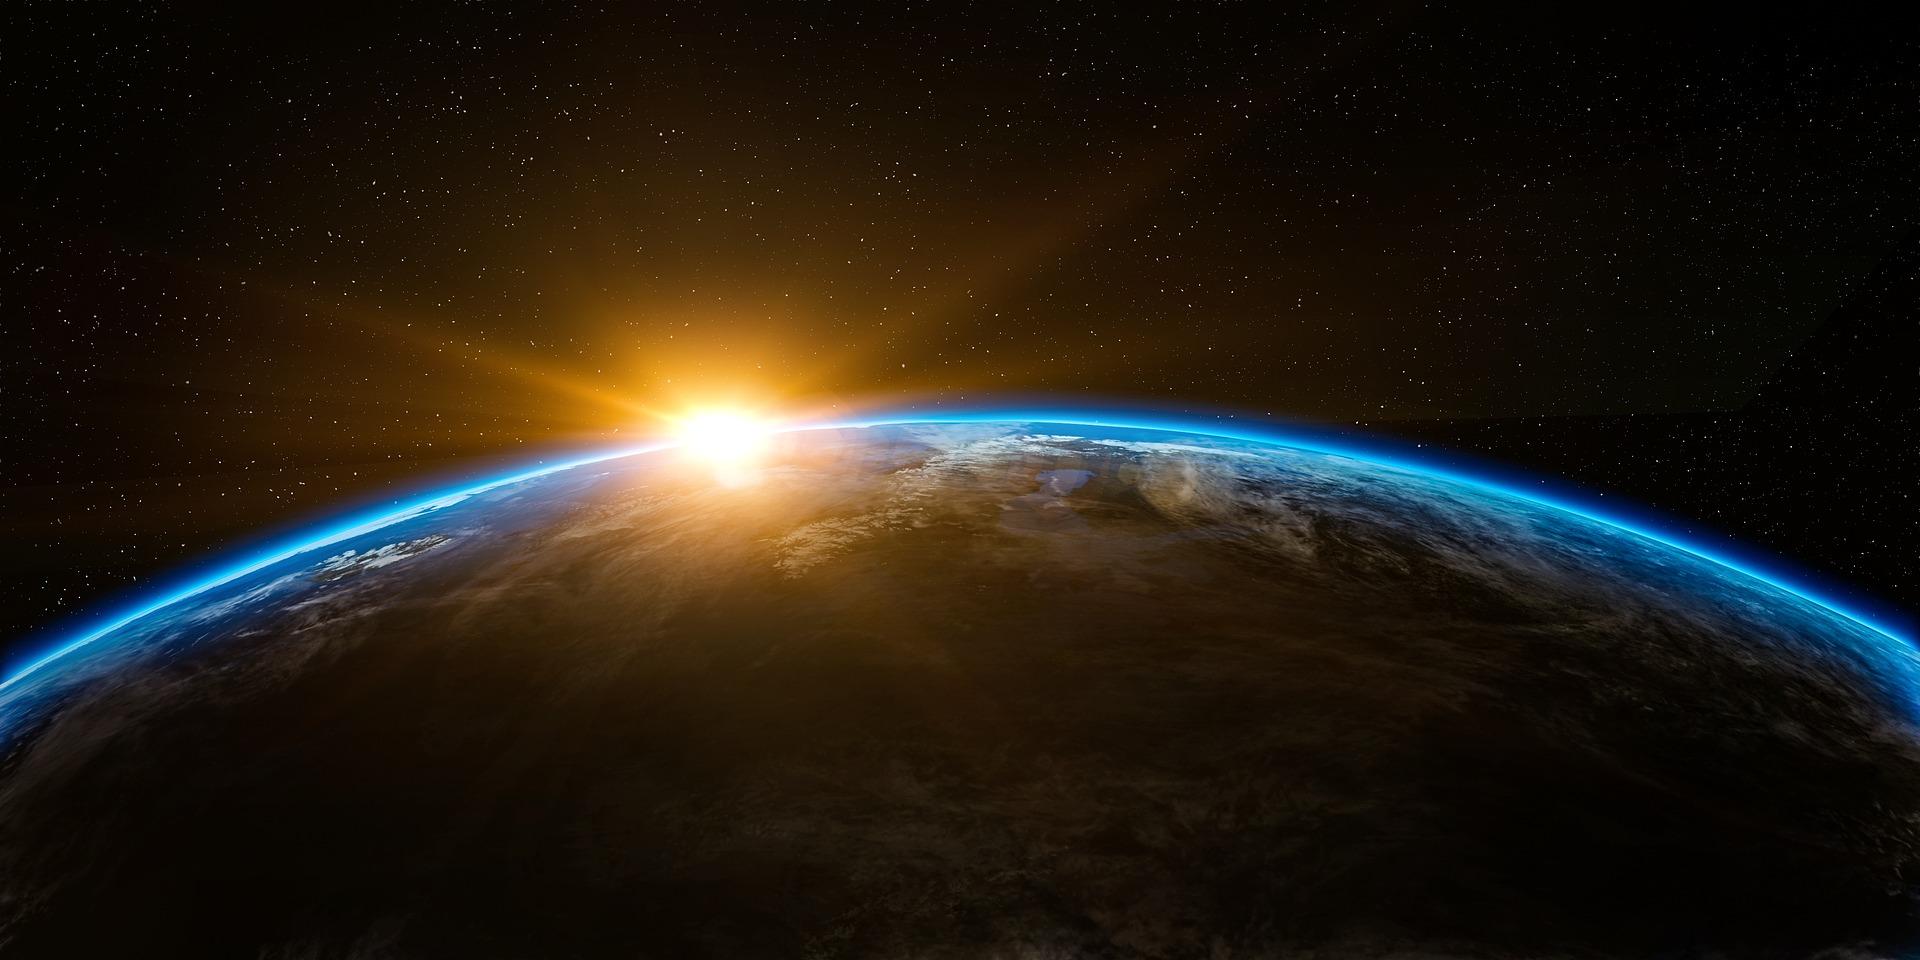 plats på jorden, upptäcka, kunskap, livets fråga, centrumförsamlingen, centrumkyrkan, forserum